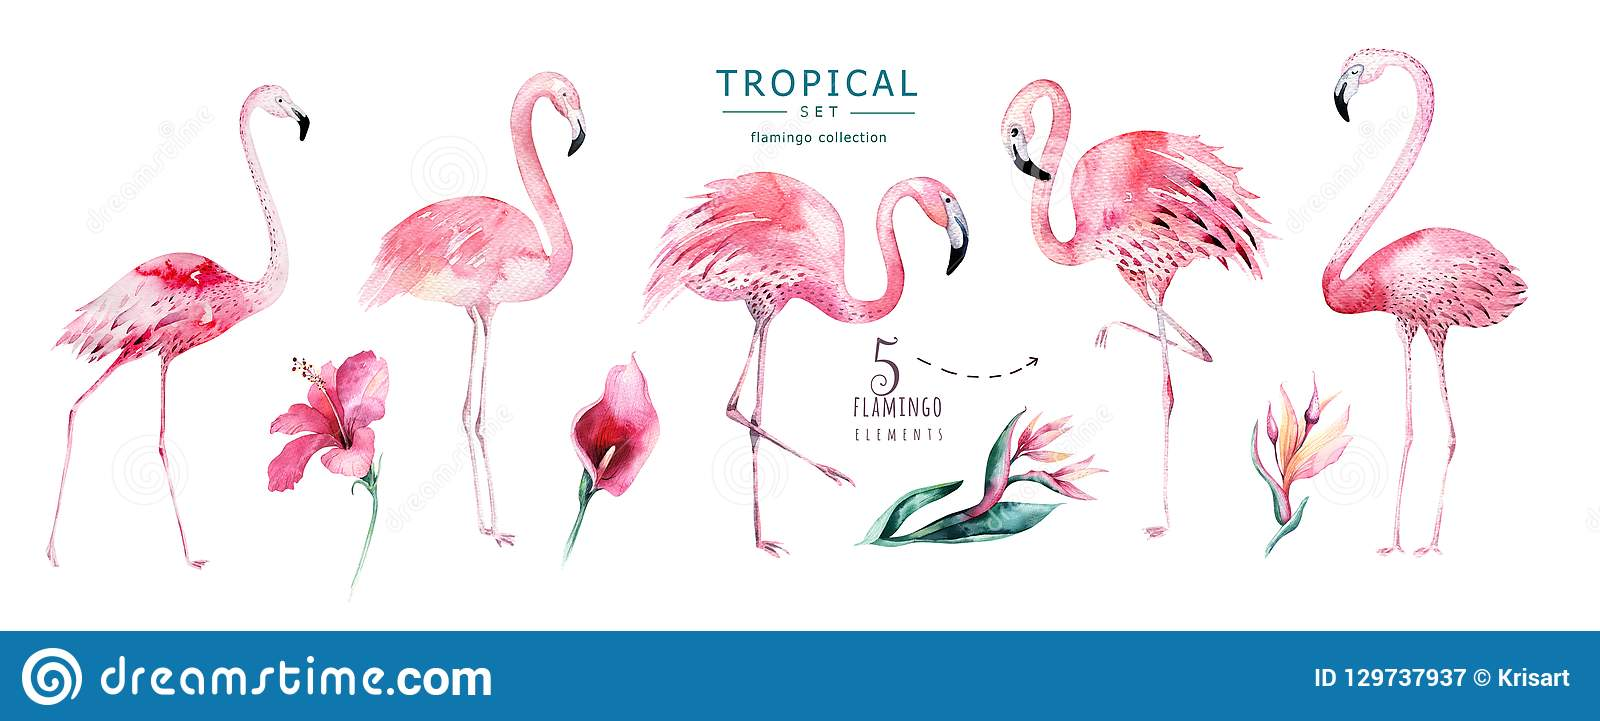 Wręcza patroszonej akwareli tropikalnych ptaki ustawiających flaming Egzot różane ptasie ilustracje, dżungli drzewo, Brazil modna